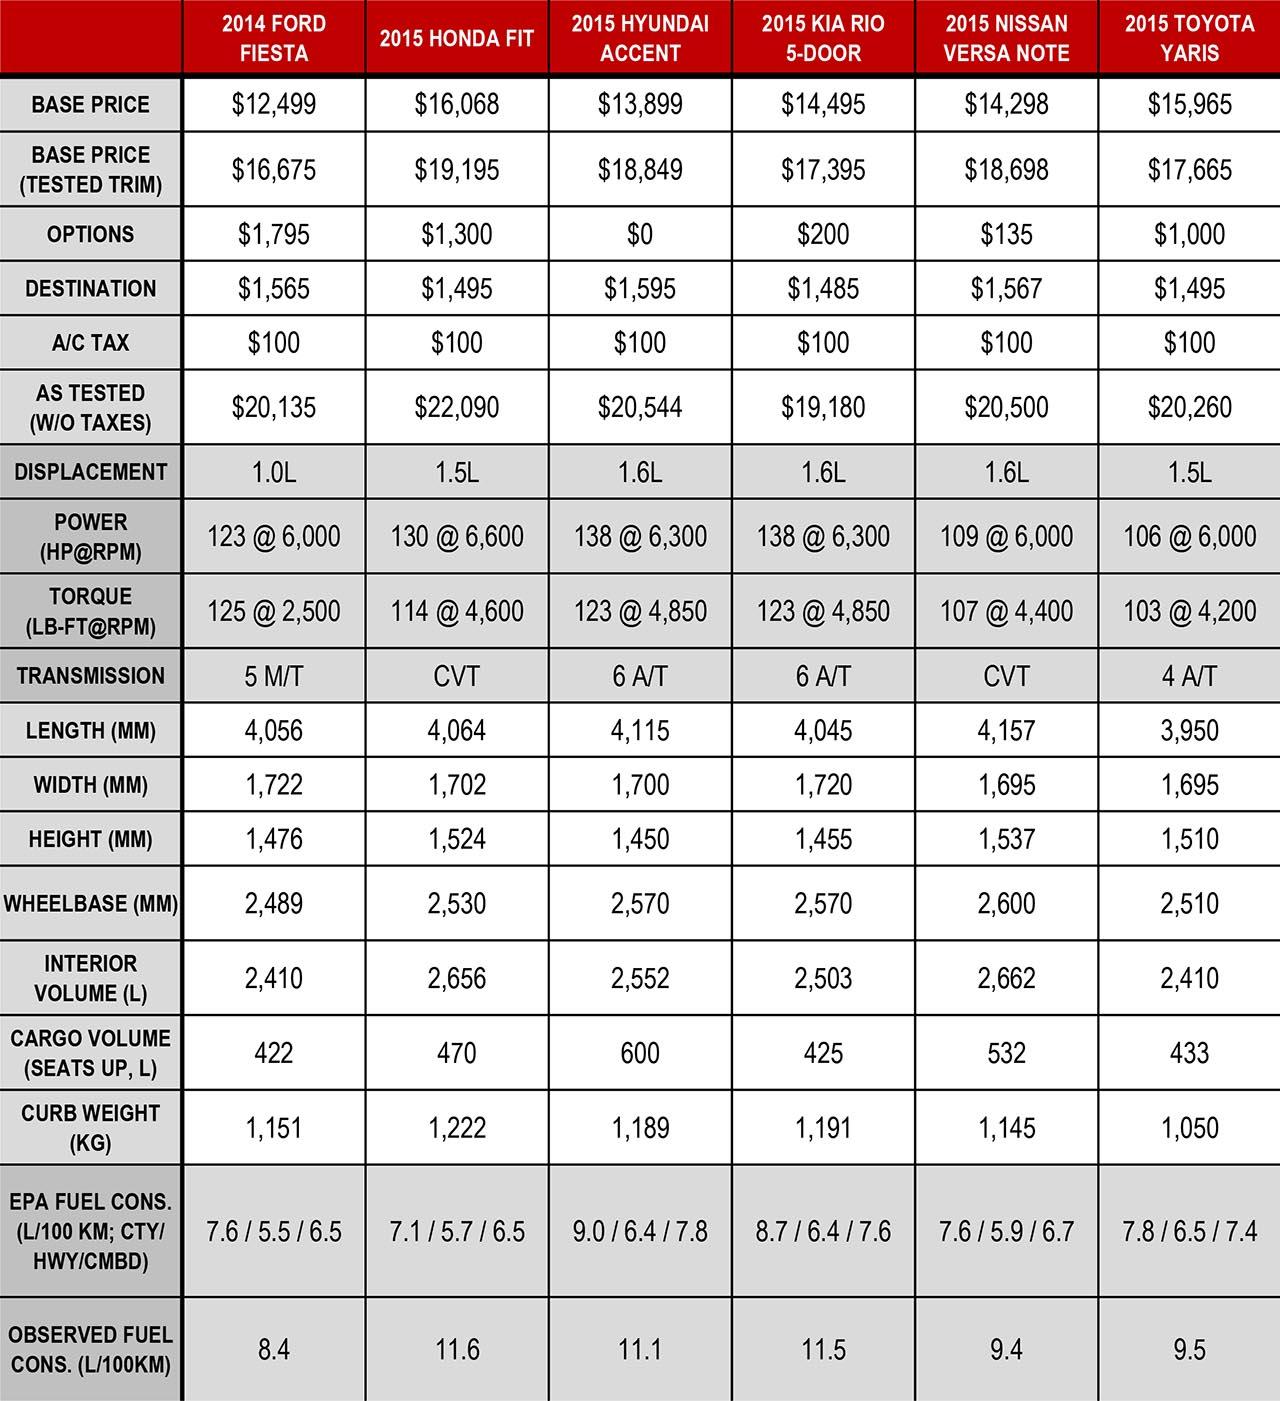 2015 Subcompact Comparison Spec Sheet Autos Ca